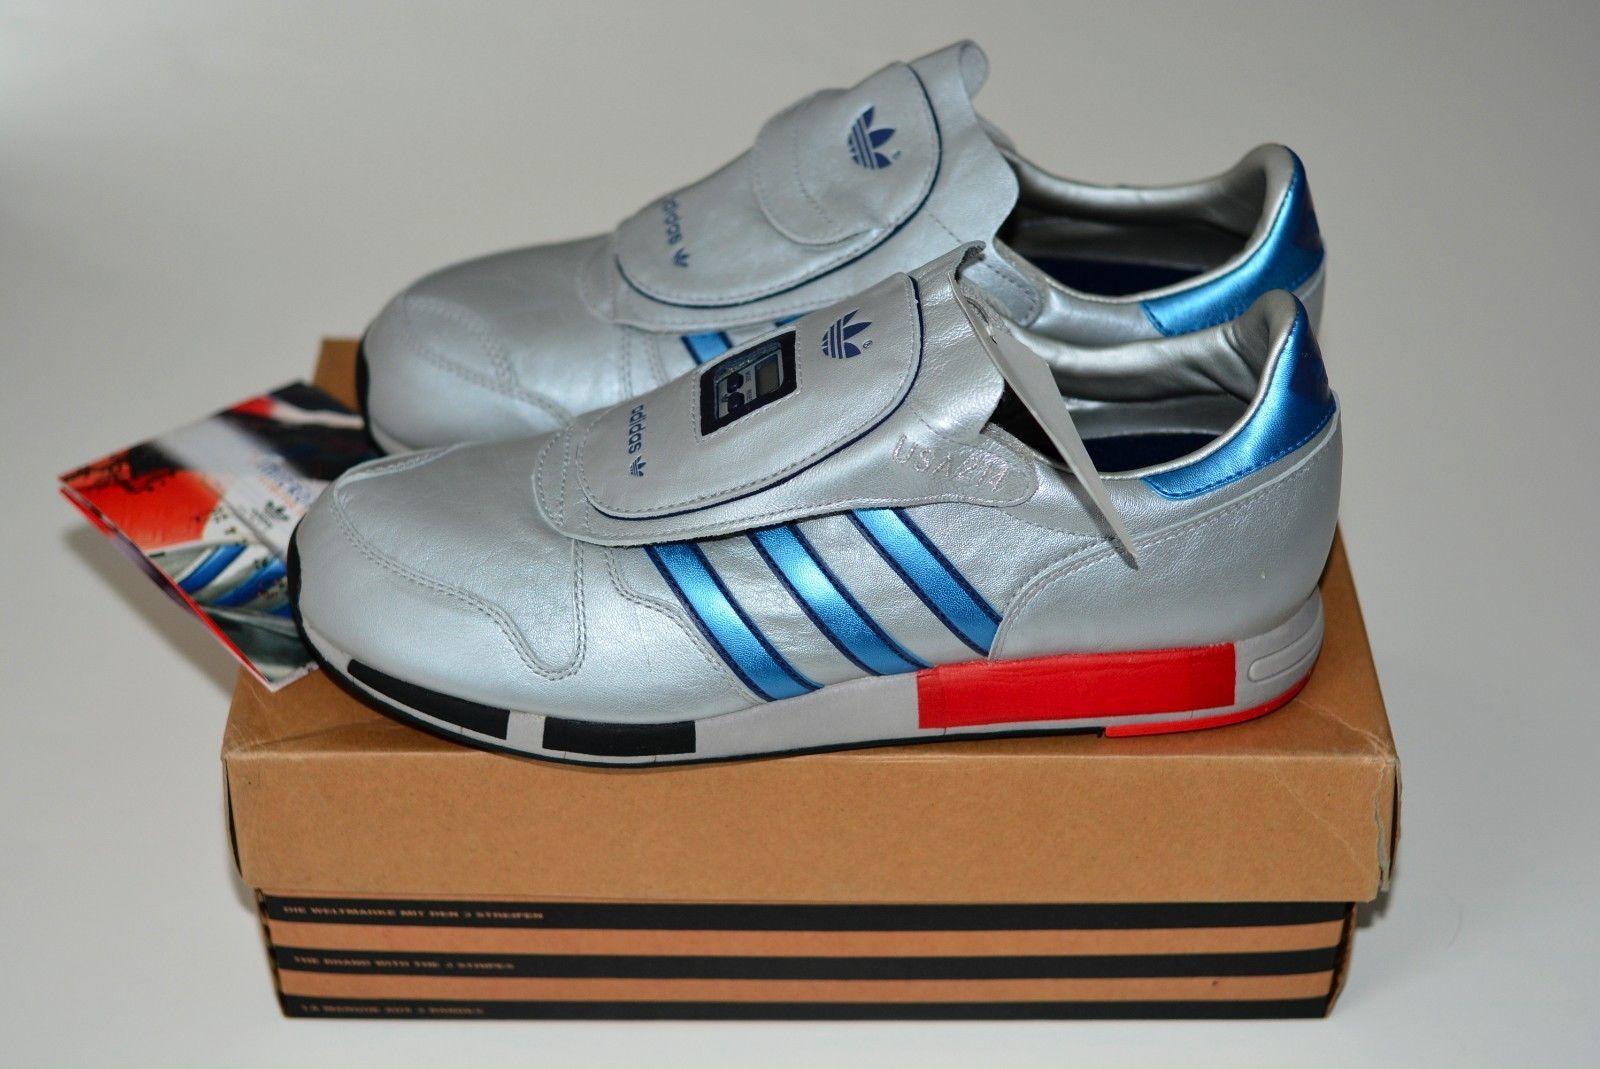 Details about Puma x Alexander McQueen Tech Runner Low Running Shoes ... d50b92fab